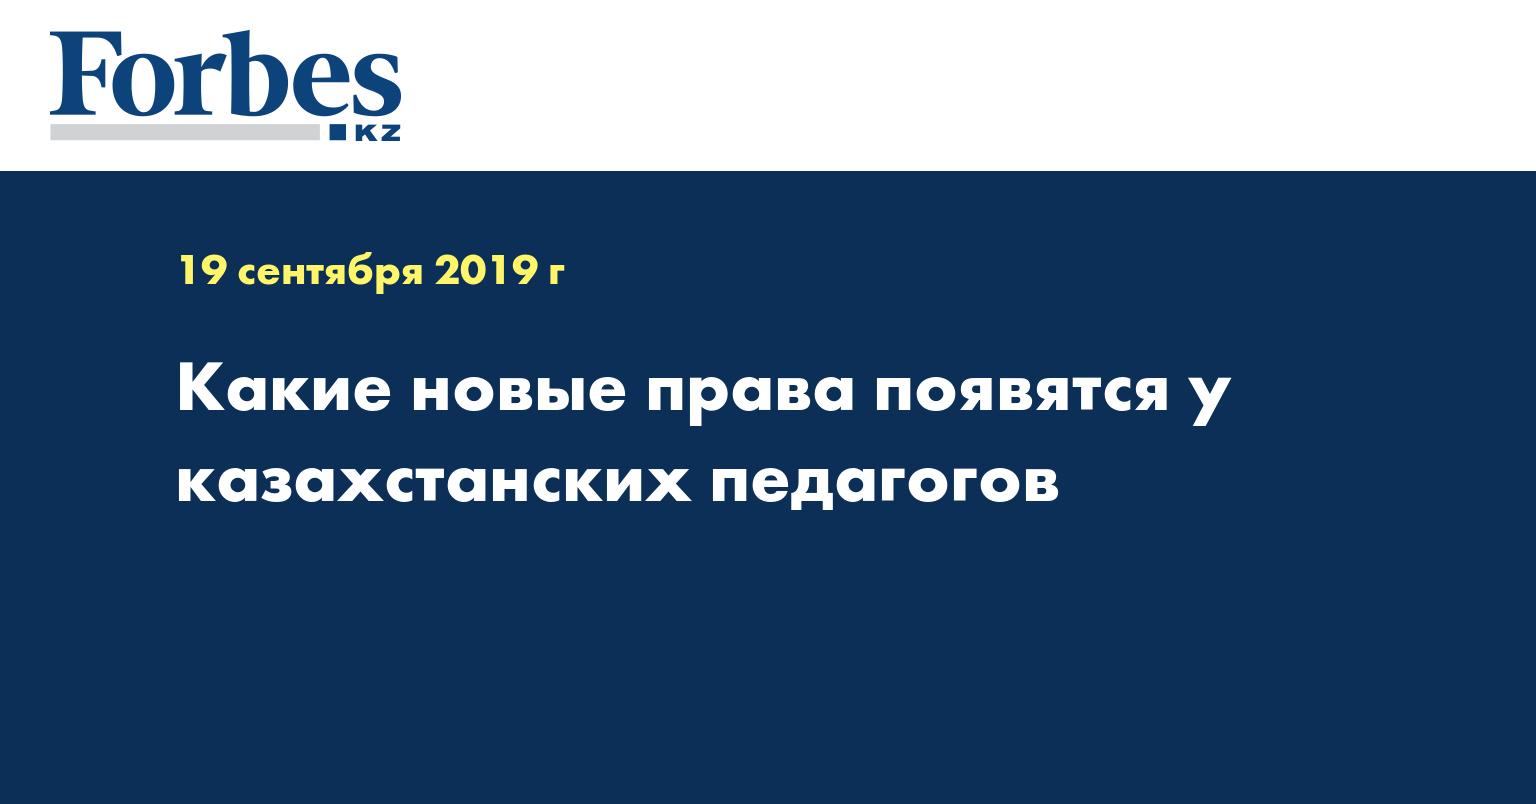 Какие новые права появятся у казахстанских педагогов